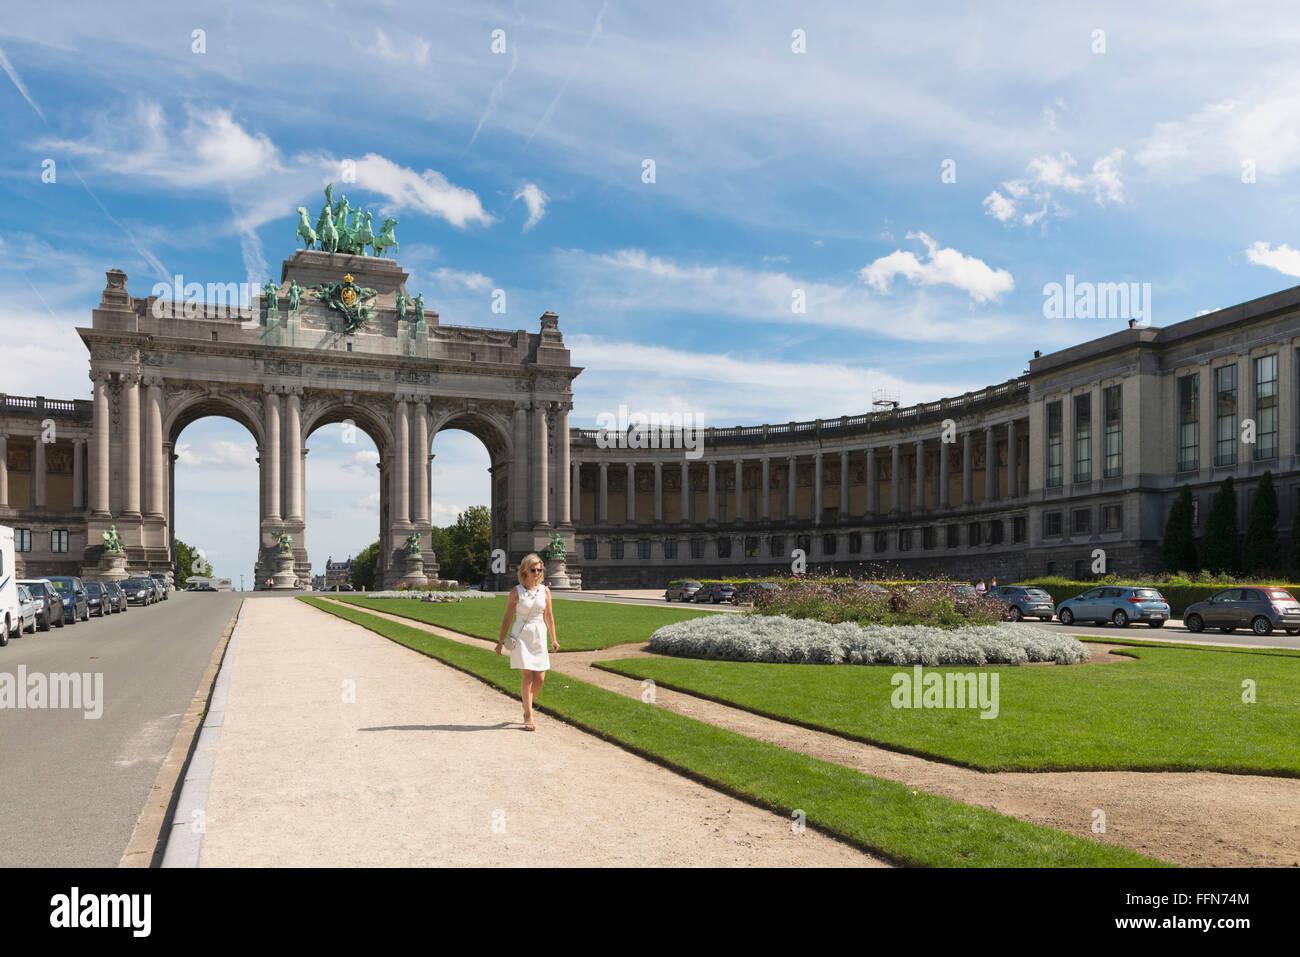 Parc du Cinquantenaire and Triumphal Arch, Brussels, Belgium, Europe - Stock Image